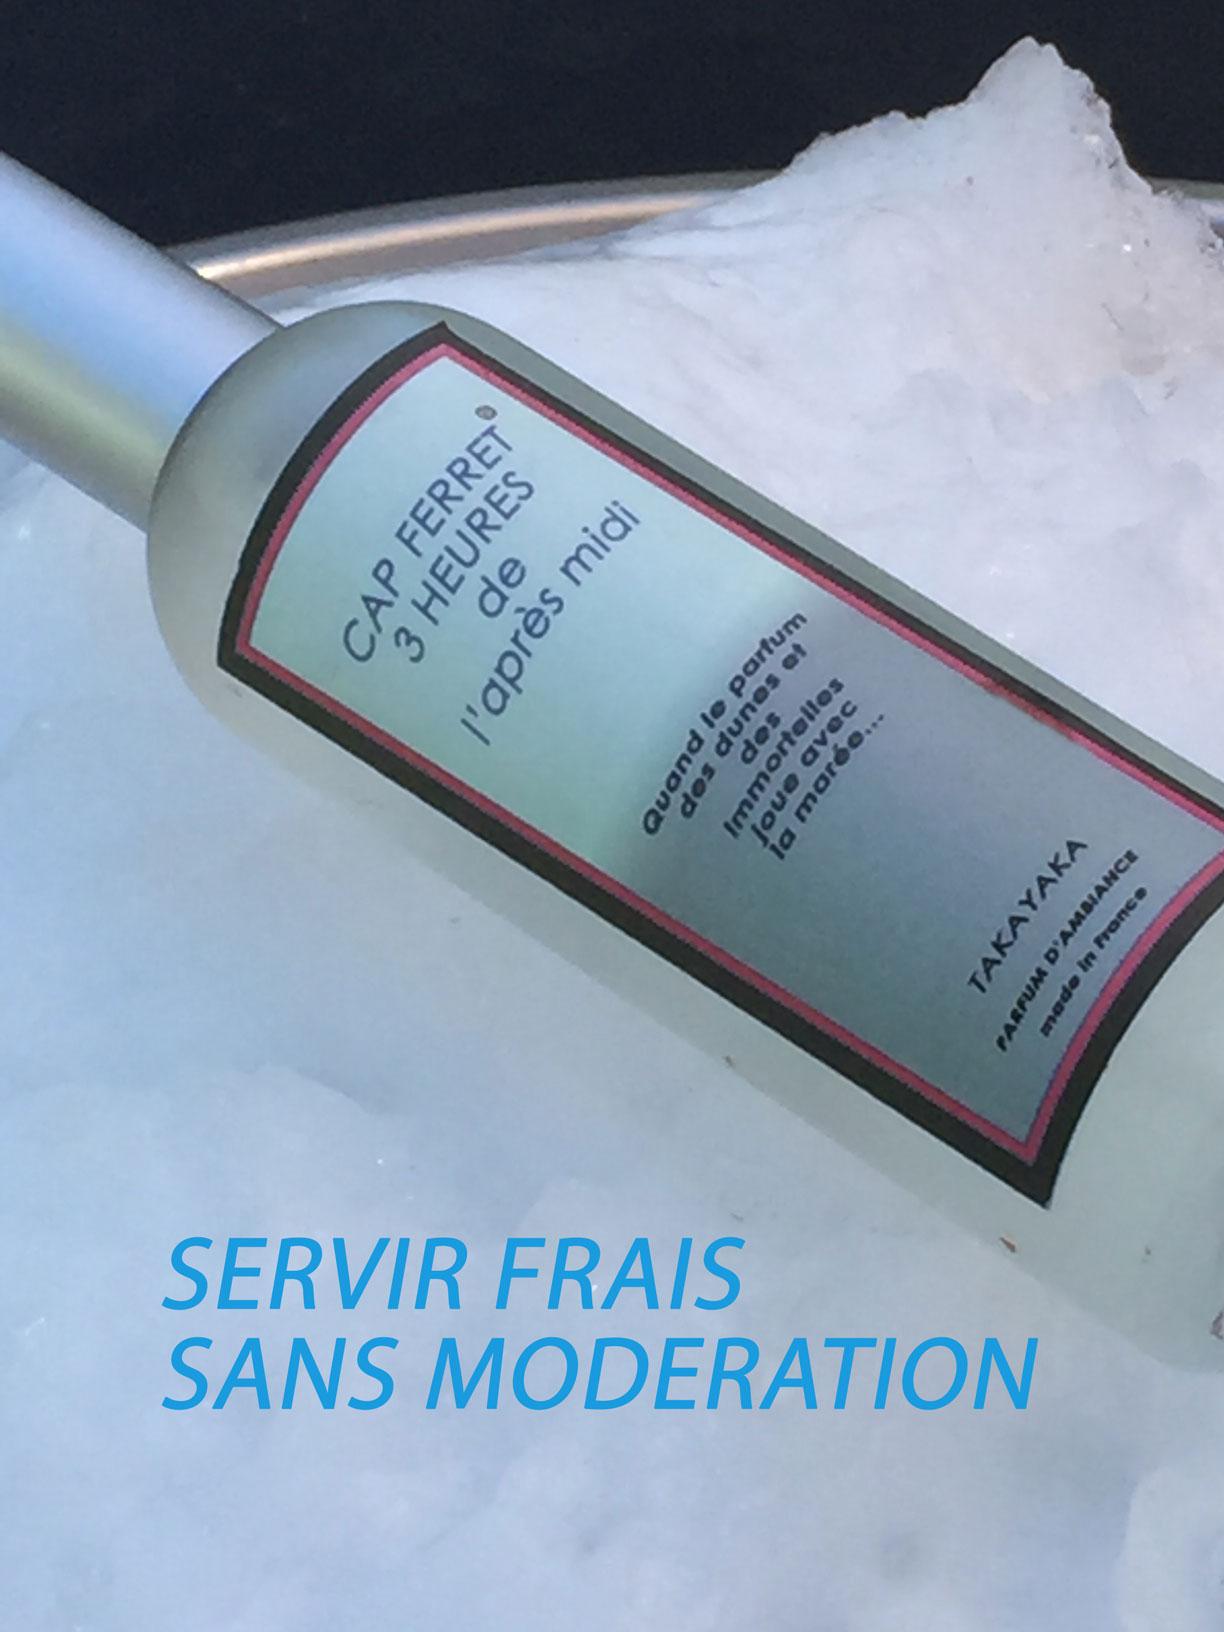 CAP FERRET 3H DE L'APRÉS MIDI est une création de TAKAYAKA signée Monique FIESCHI mise en bouteille dés 2012 il est le parfum préféré des surfeurs